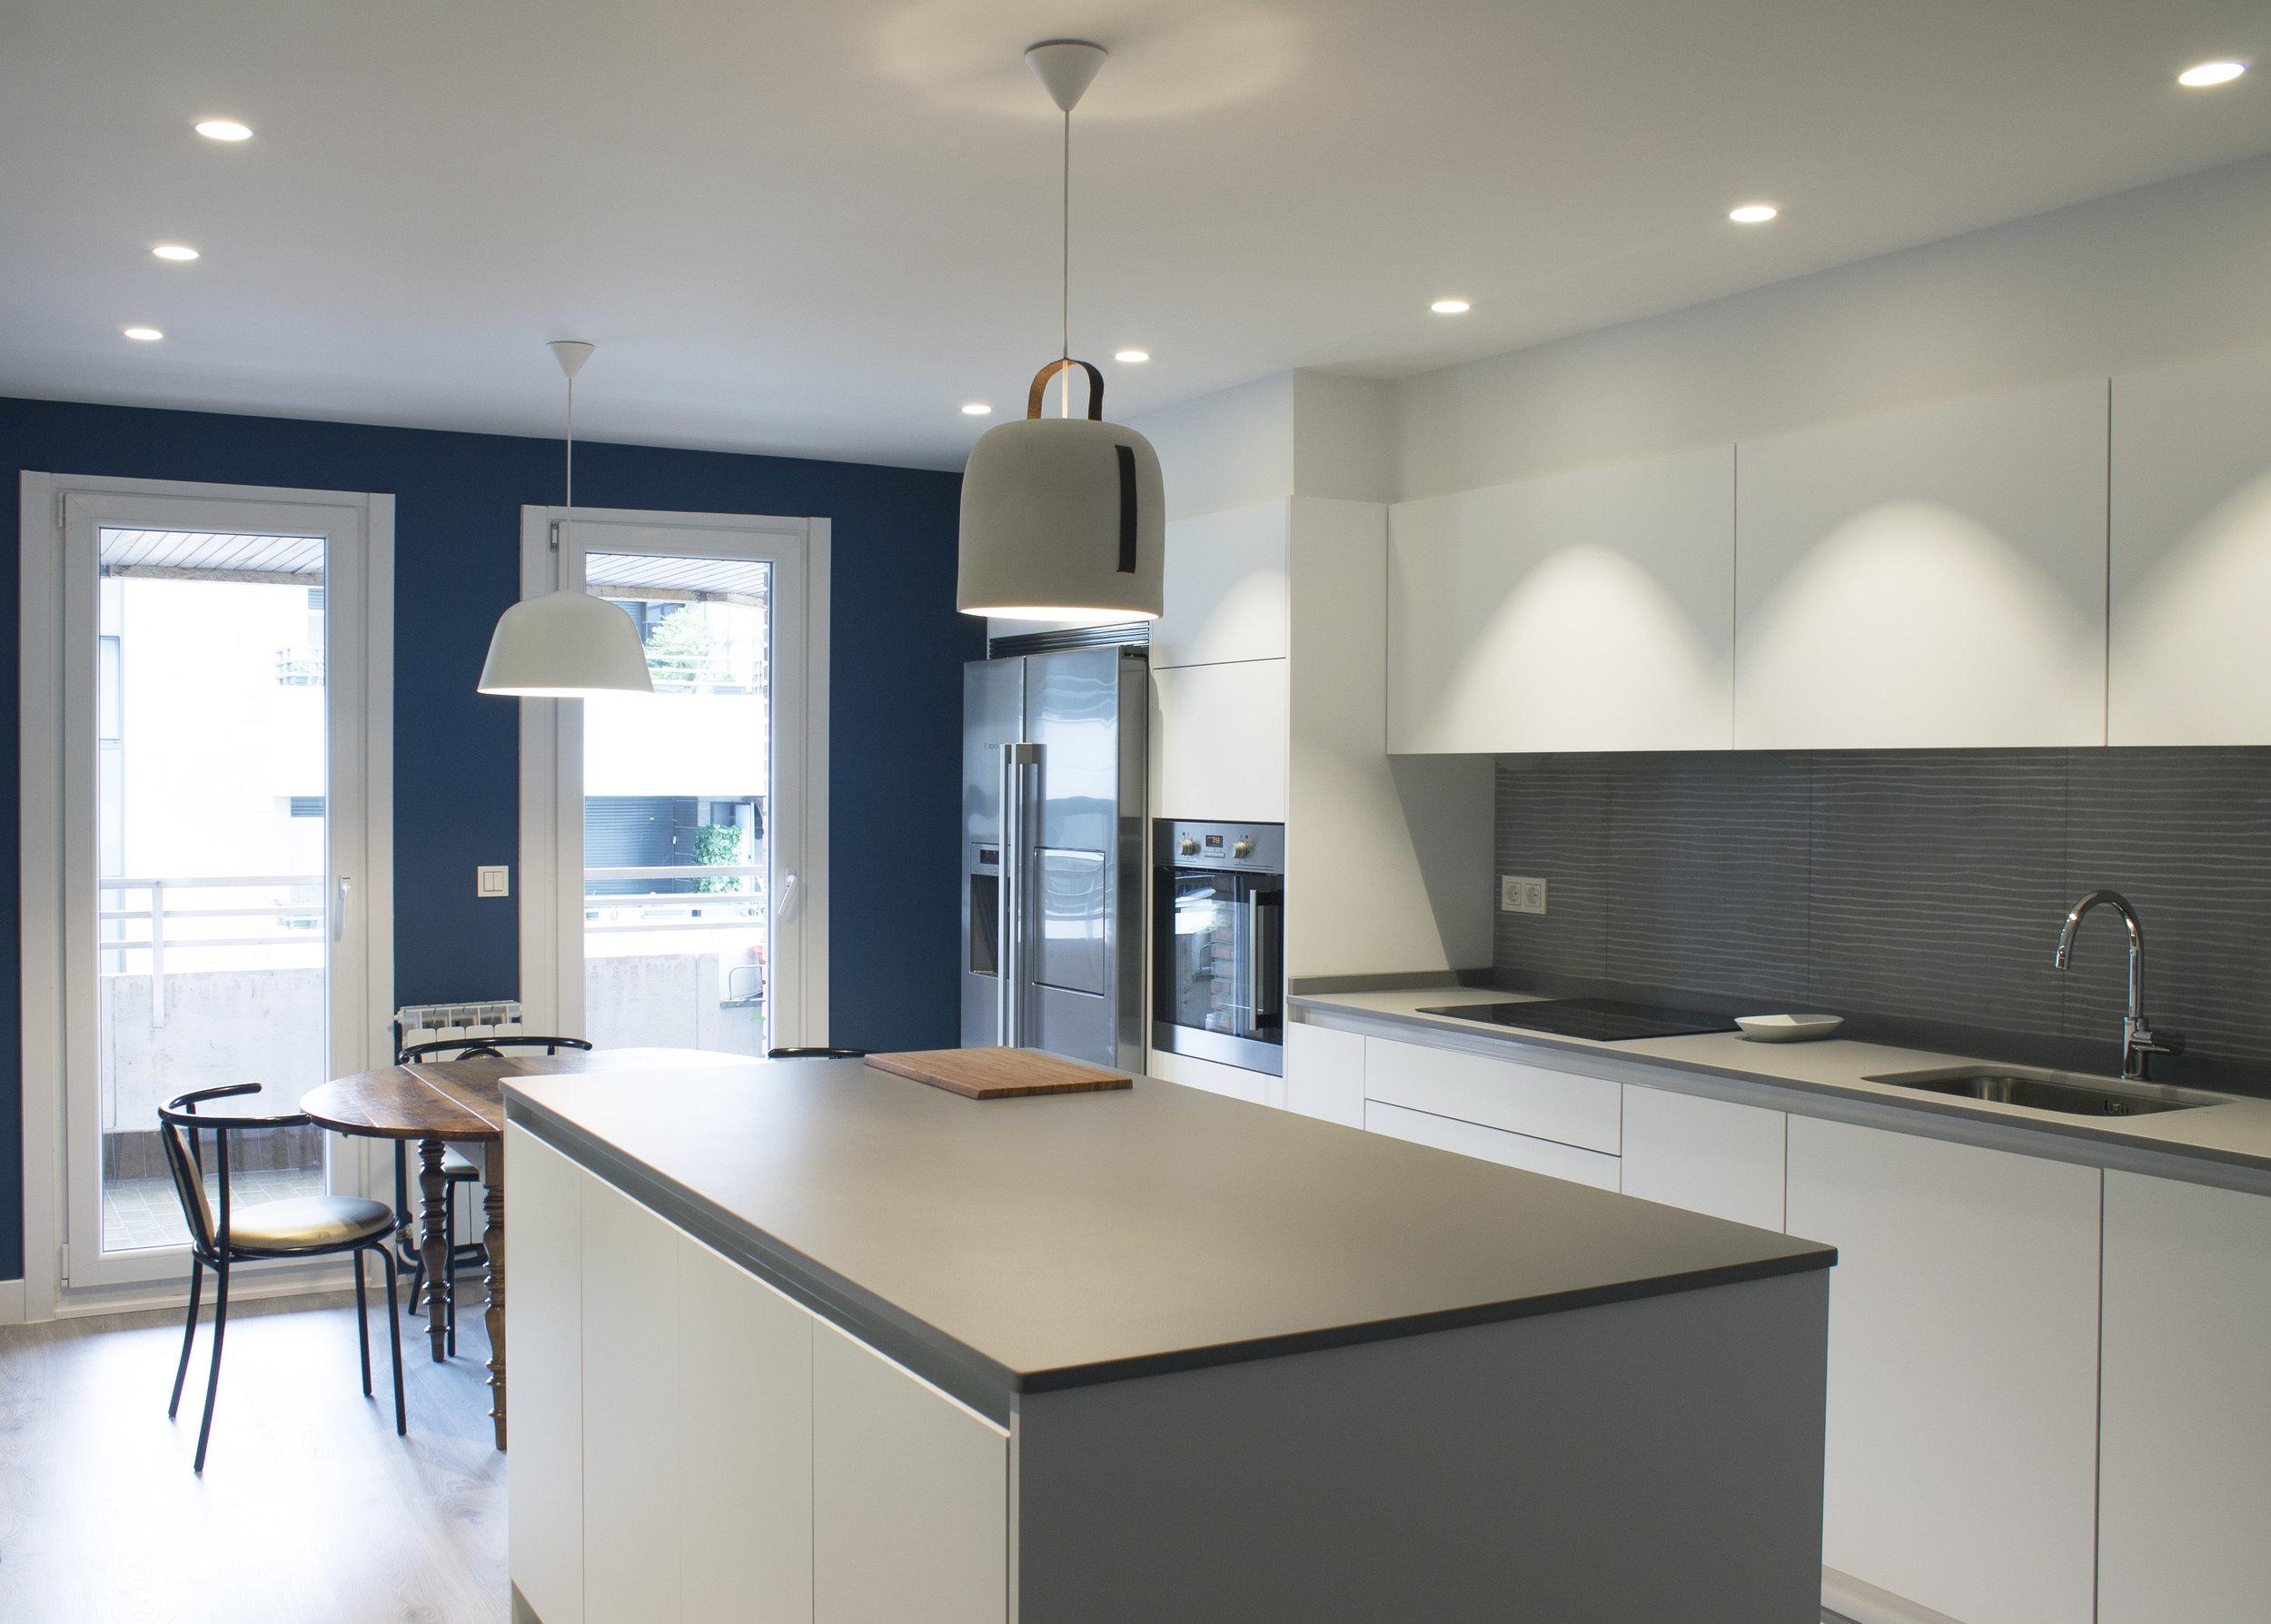 White kitchen_SilviaCeñal_Interior_1